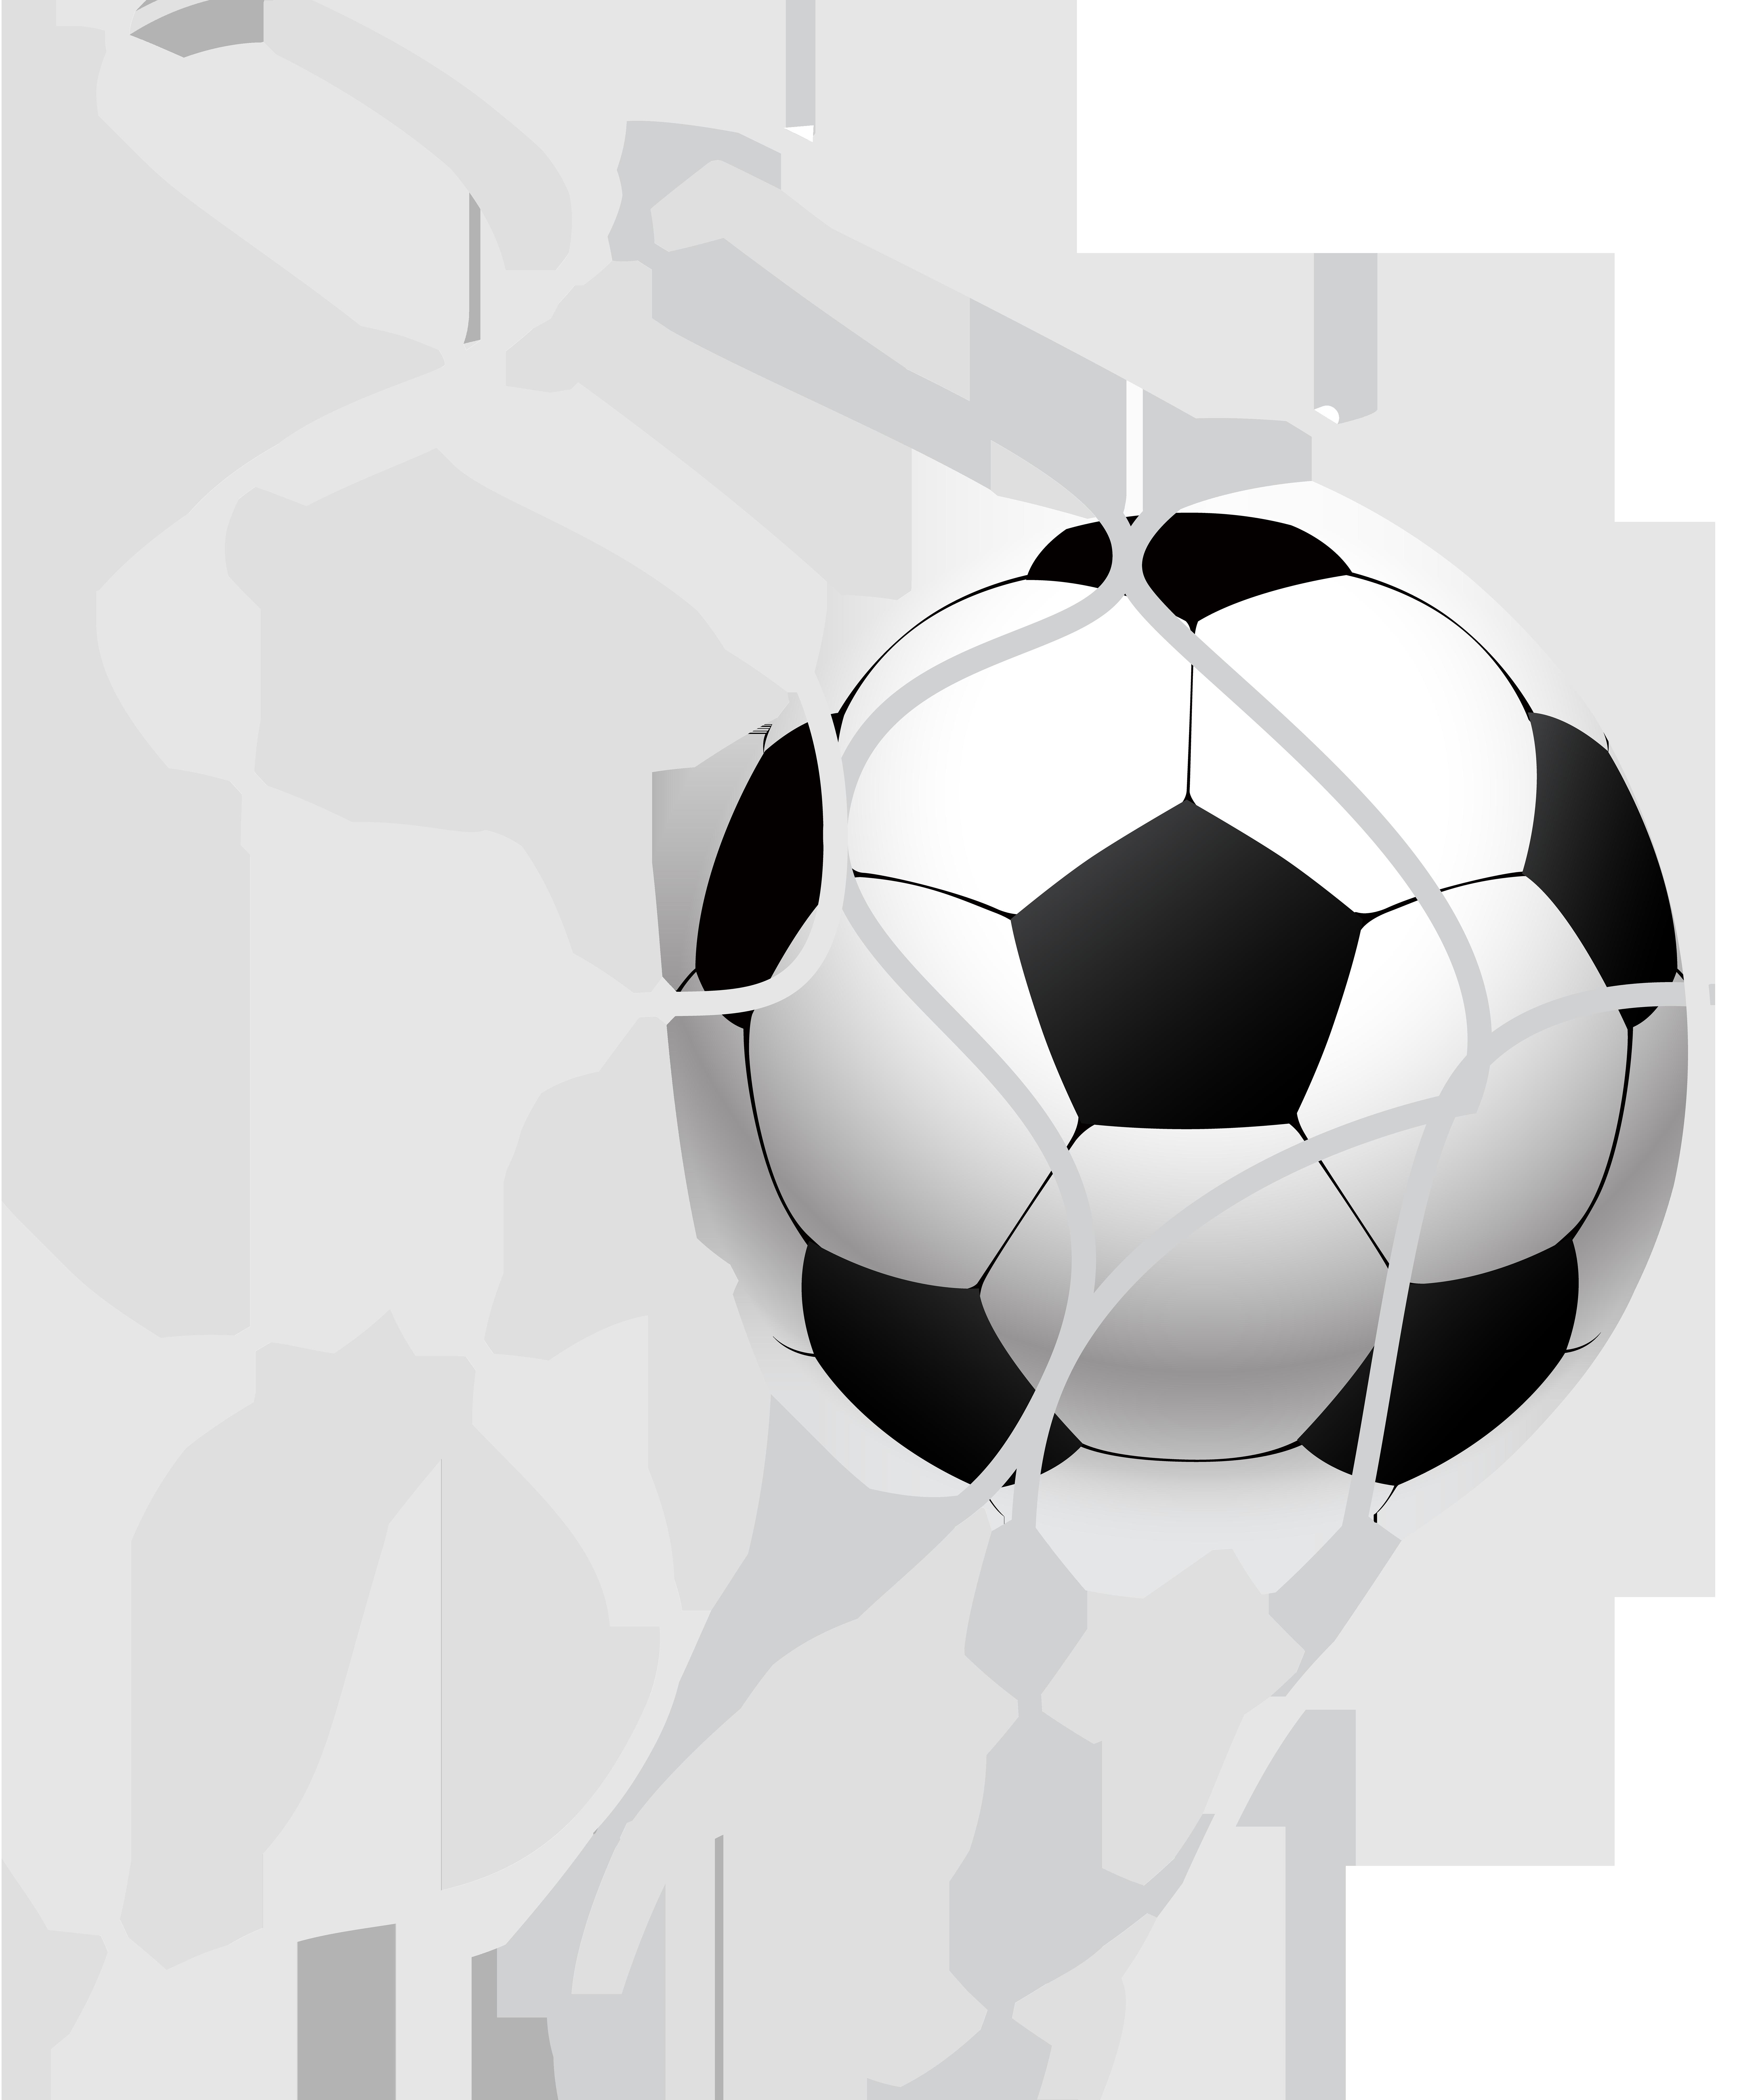 Soccer Ball And Goal Png Soccer ball, Soccer, Soccer images